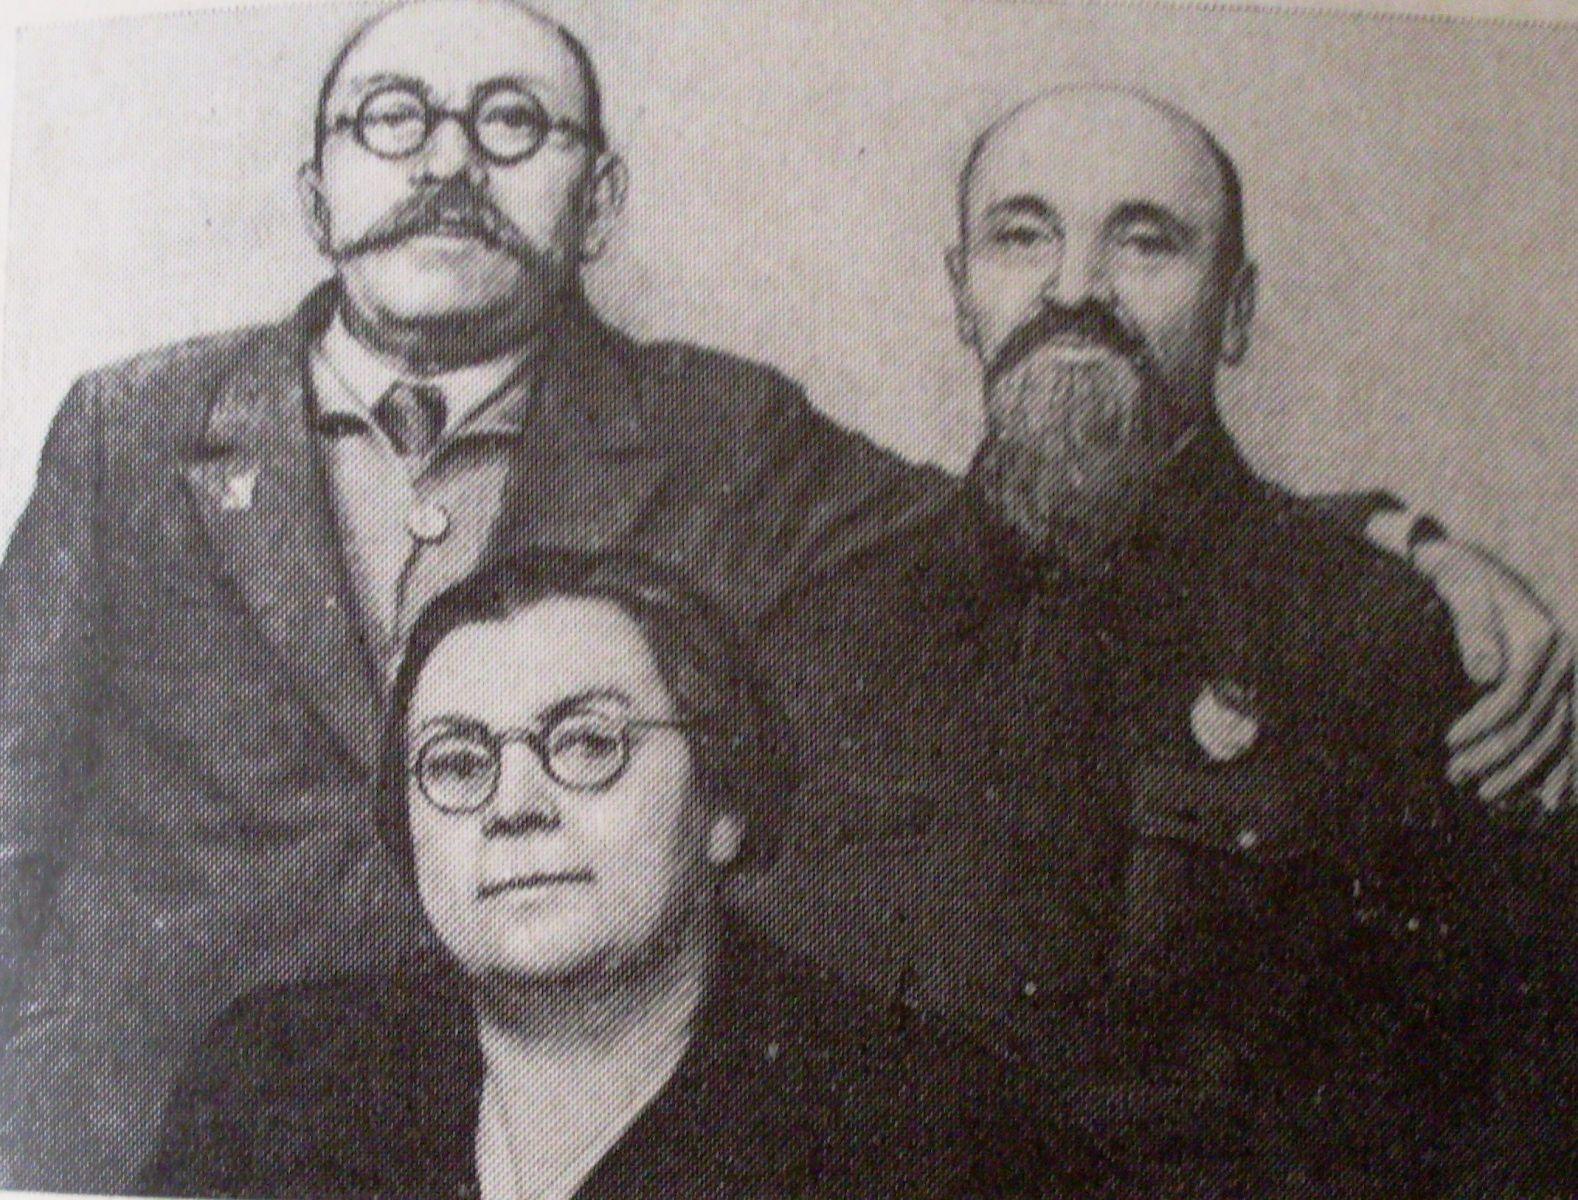 Рік 1947-ий: у Лізи Рєпєльської вже нові окуляри. Як і у Сильвестра Покко. Поруч з ними ще один старий більшовик — Борис Магідов.